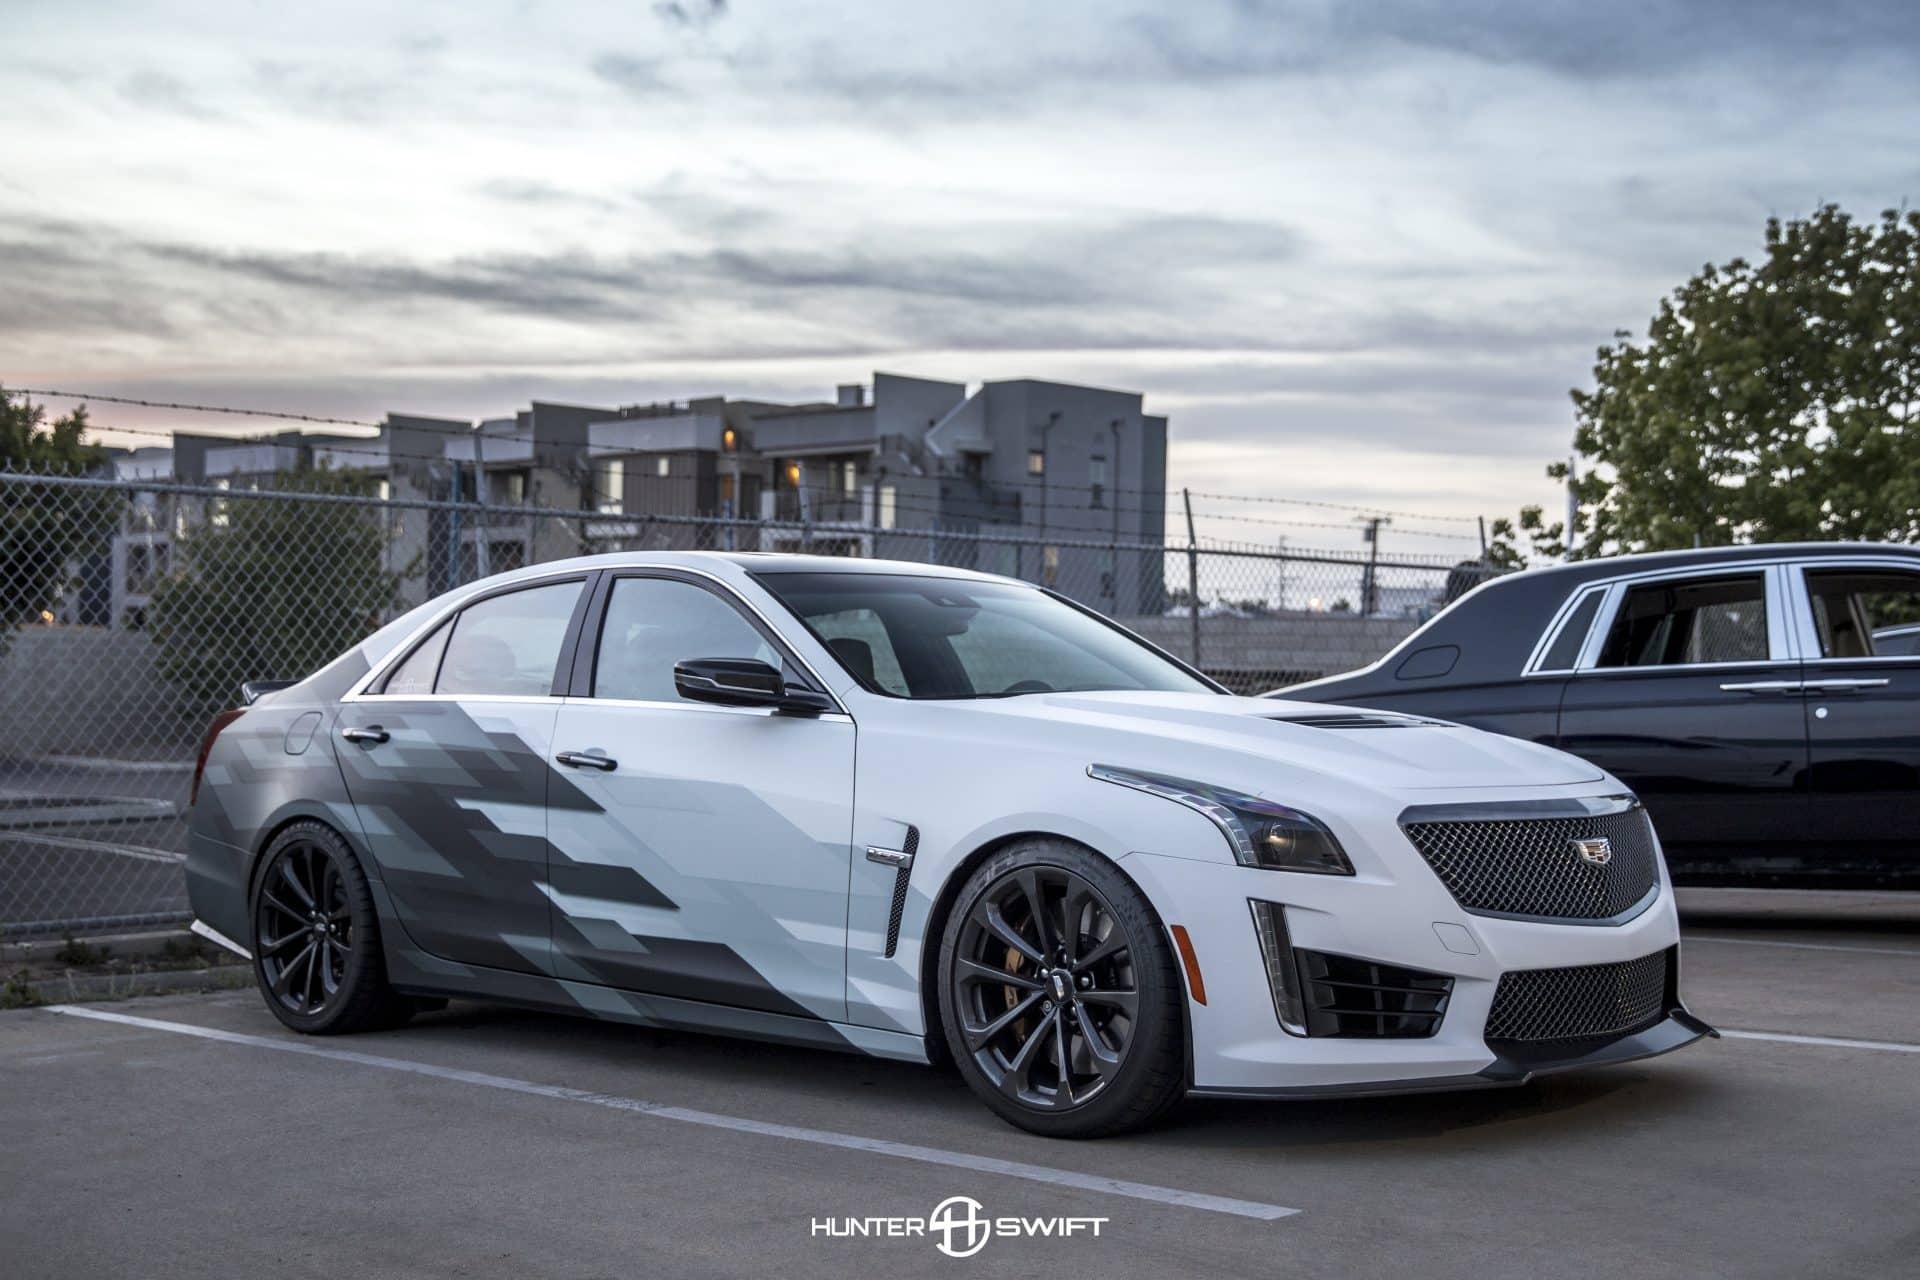 Cadillac Cts Cadillac Cts 2017 2018 Best Cars Reviews